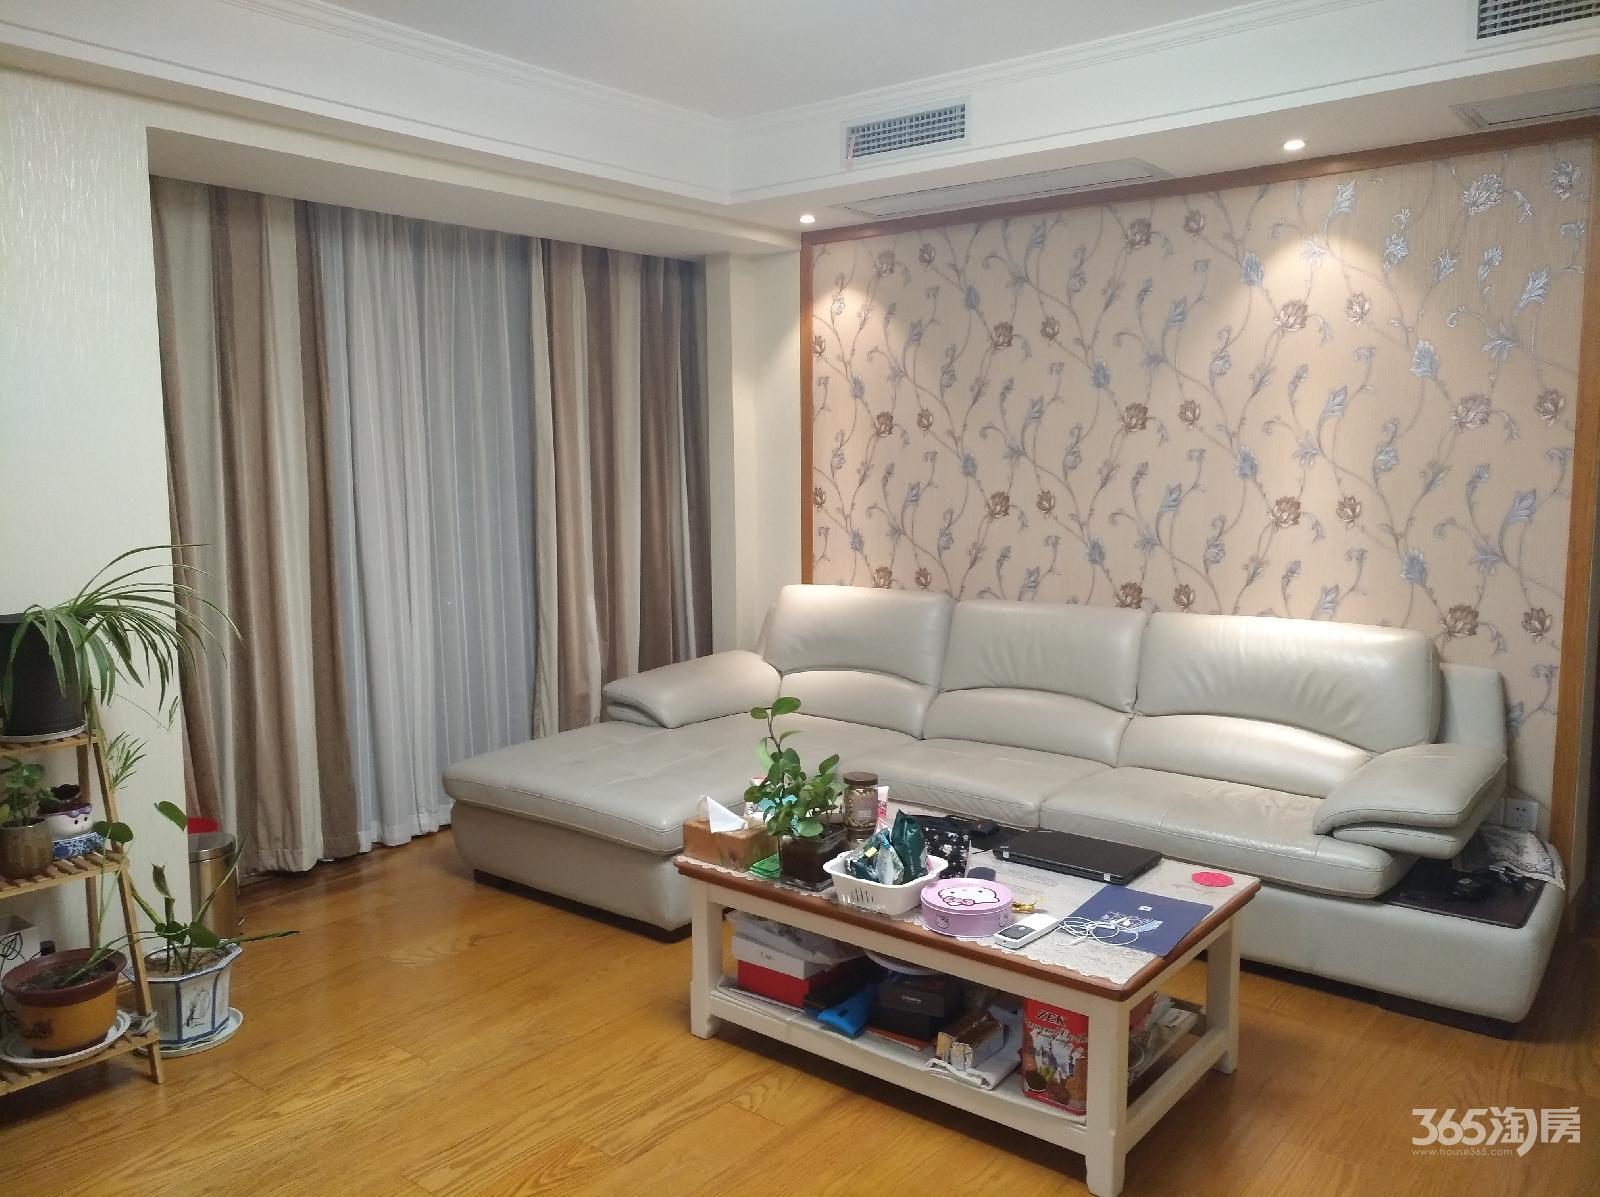 中电颐和家园尚玄3室2厅2卫130平方产权房豪华装